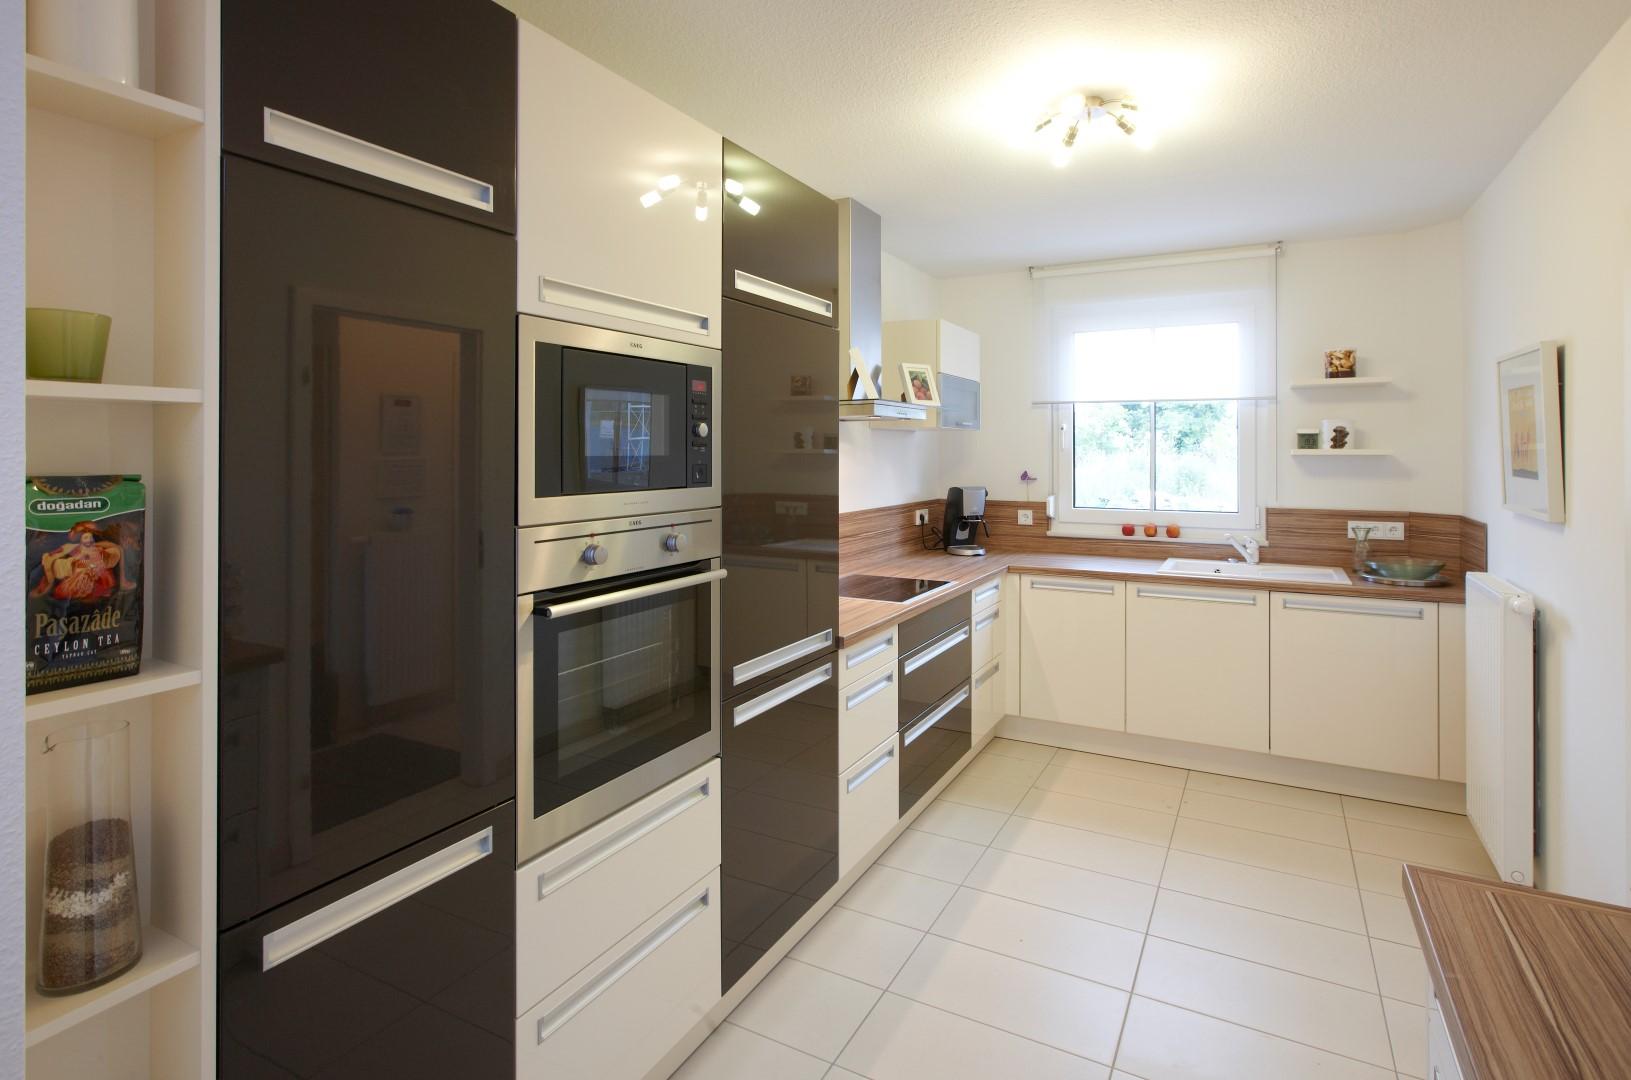 Offene Küche Reihenhaus Arbeitsplatte Küche 270 Fliesenfolie